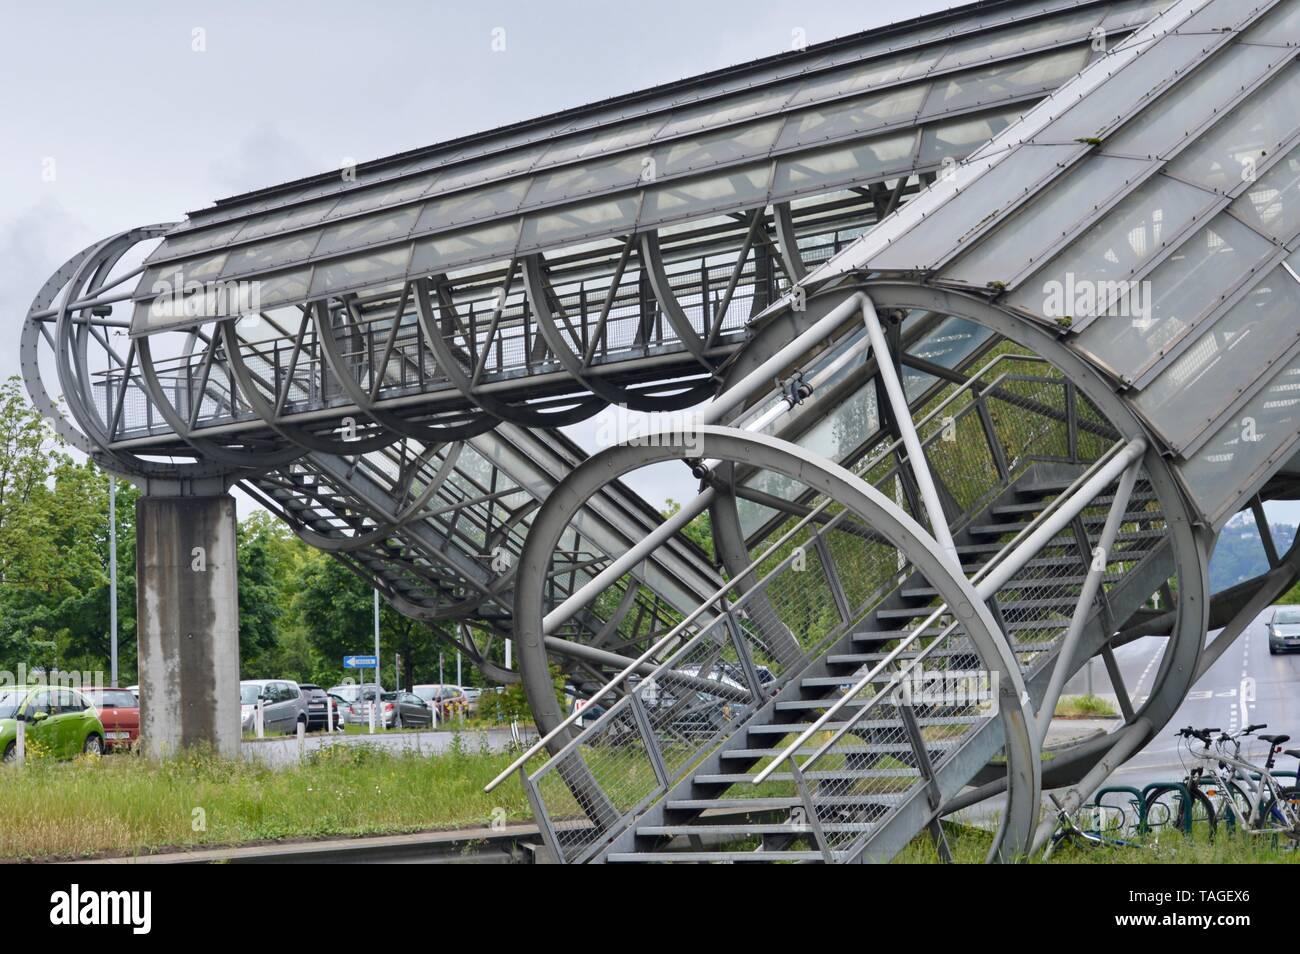 Funzionali e moderne opere d'arte crosswalk pedonale ponte in Linz, Austria Immagini Stock